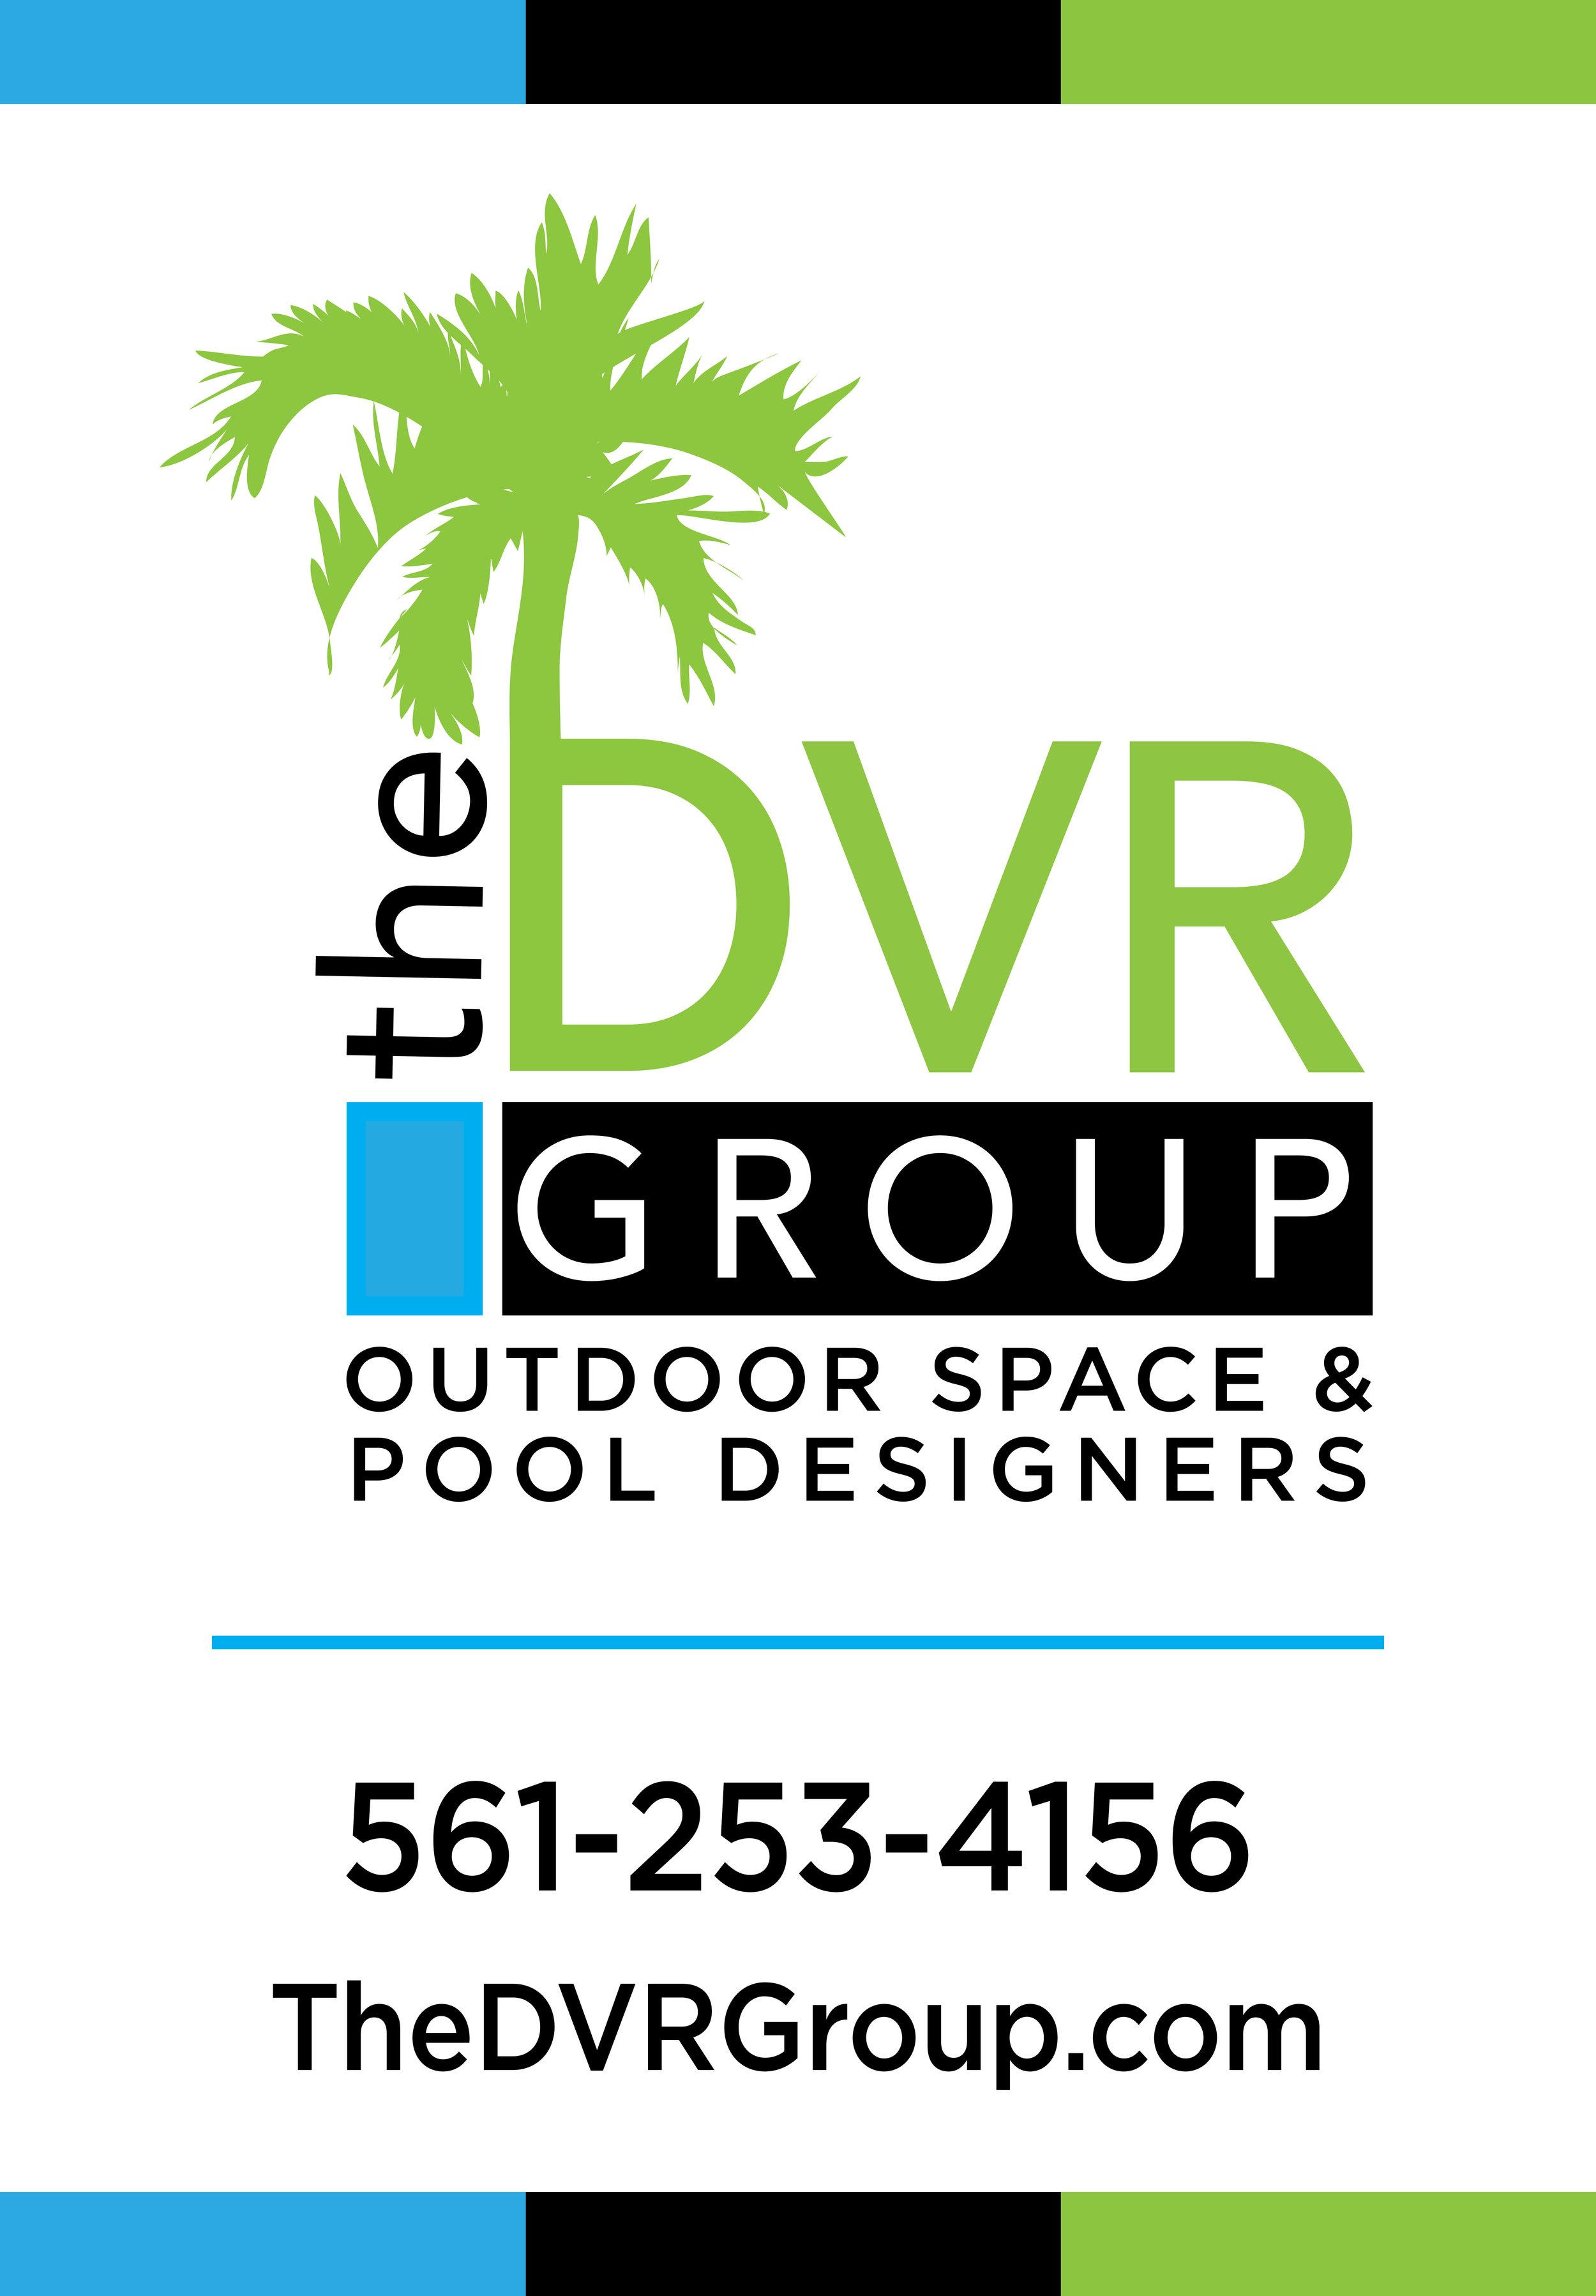 DVR Group Yard Sign Design